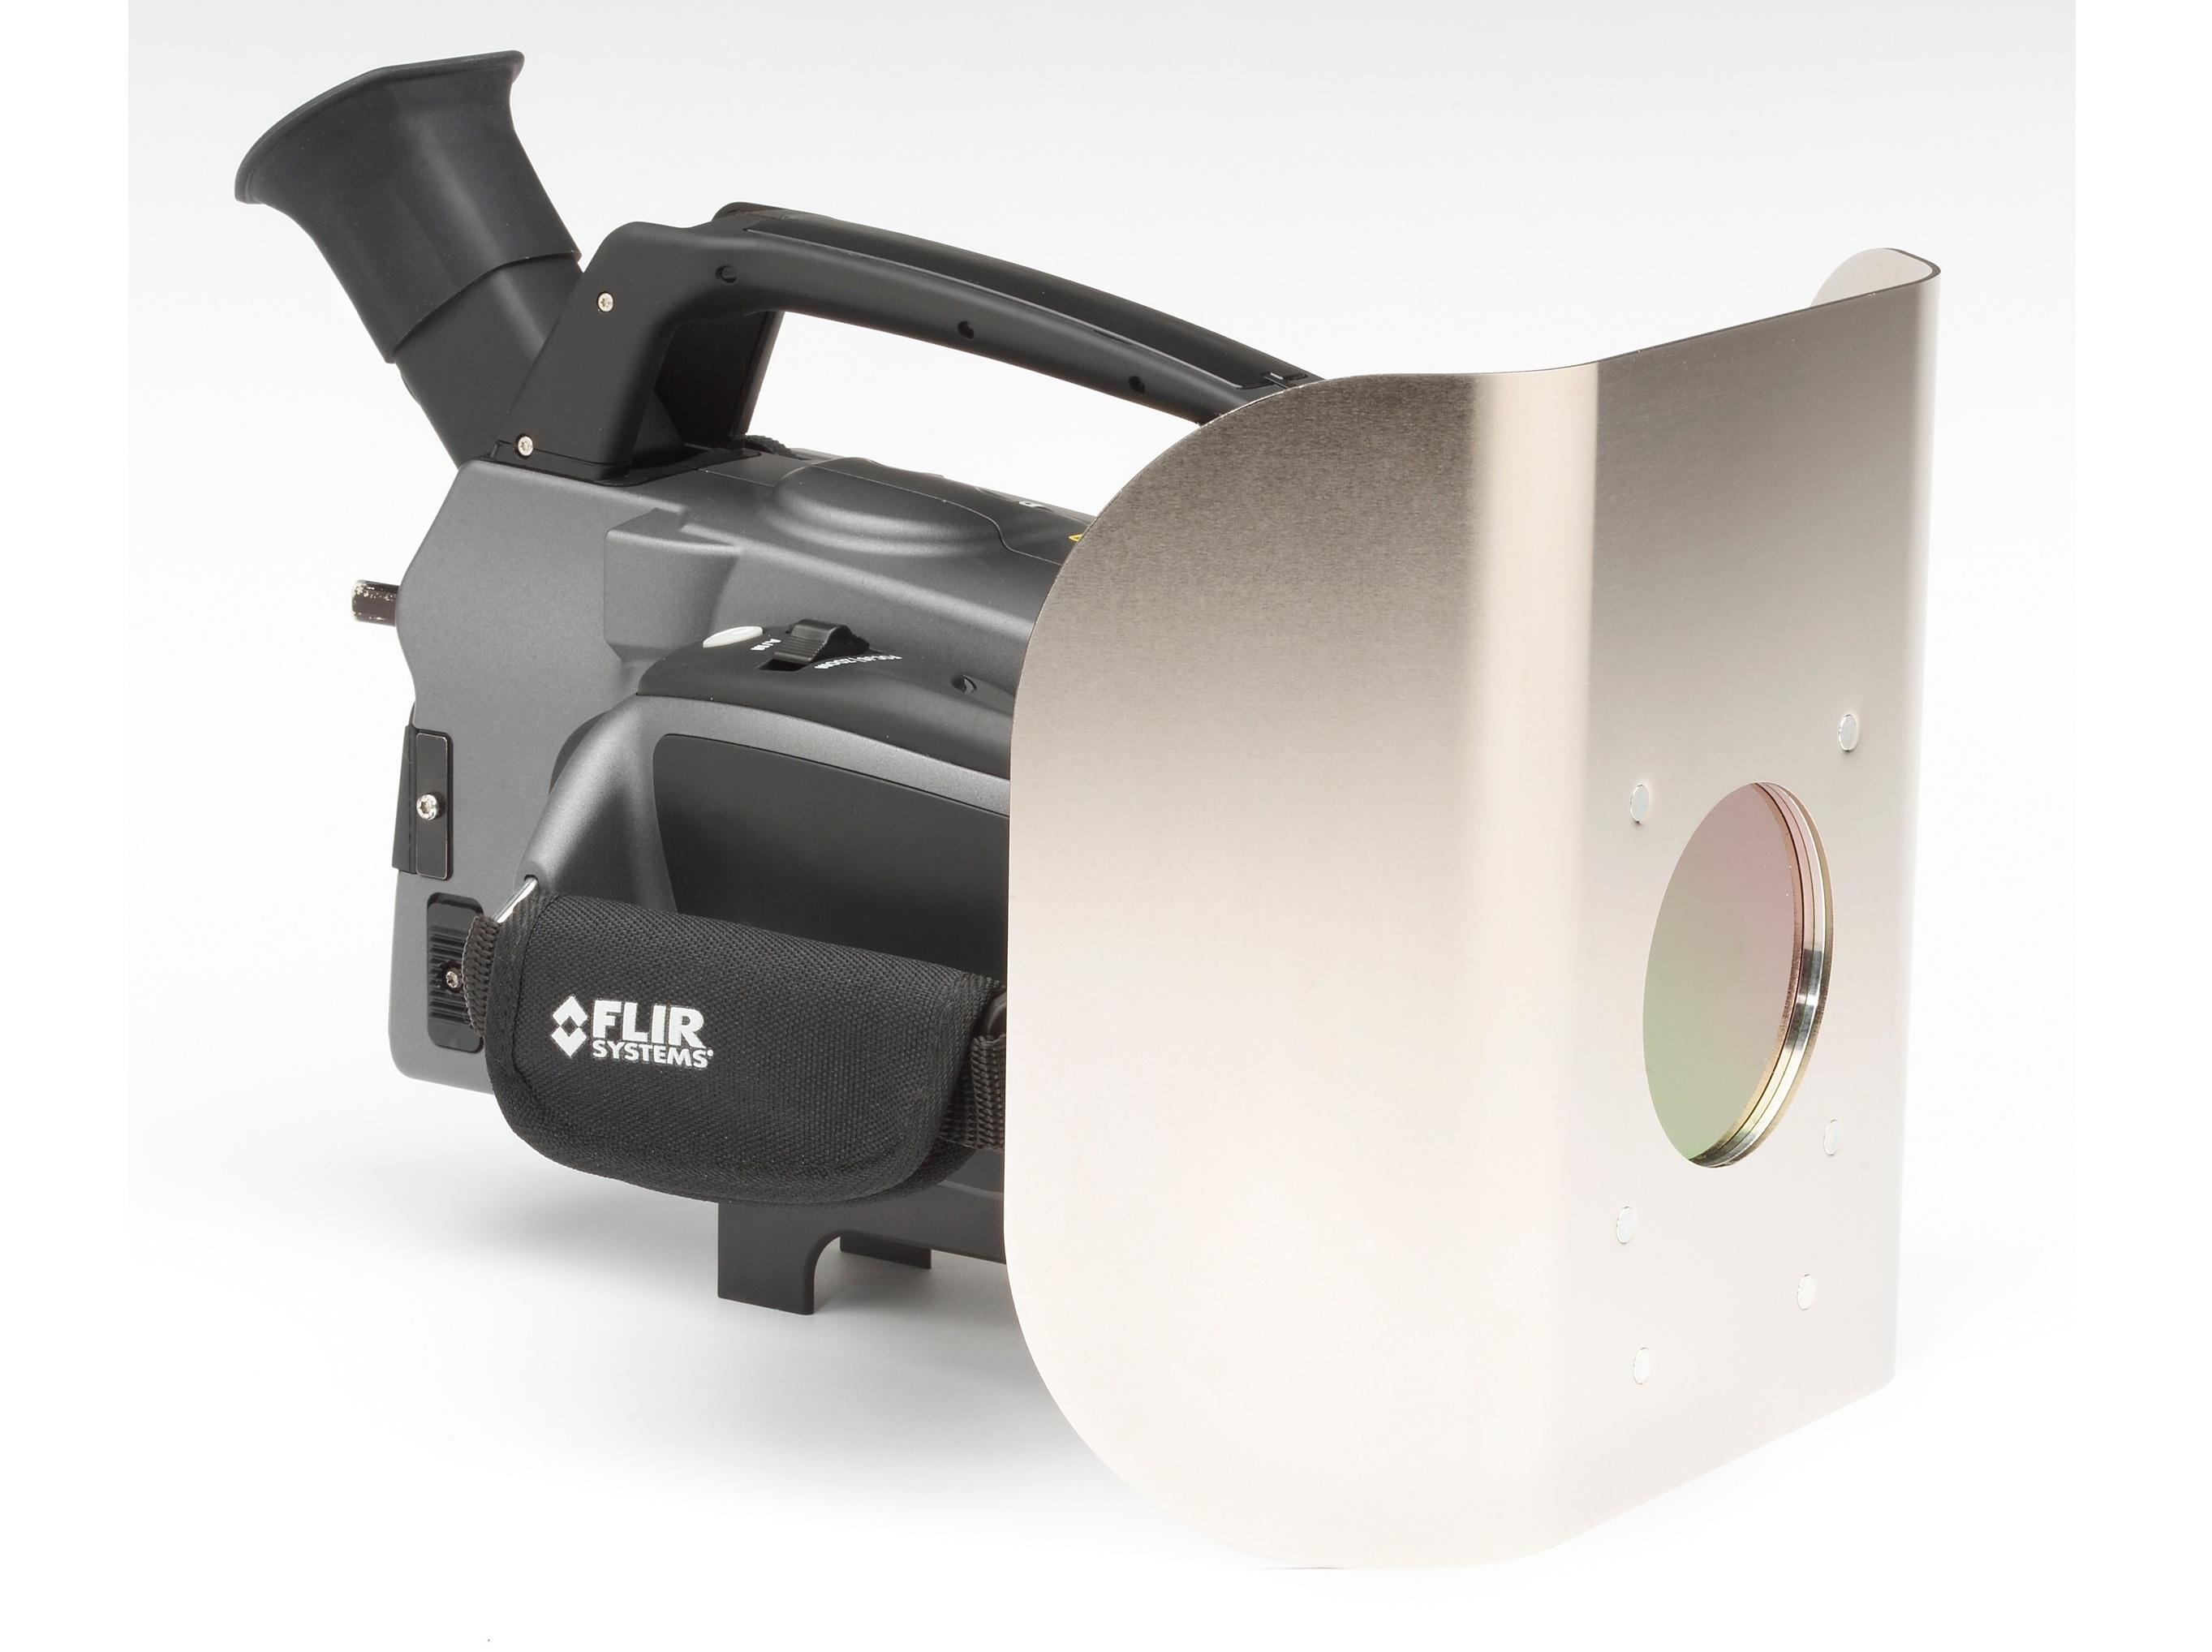 FLIR GF309 infrakamera